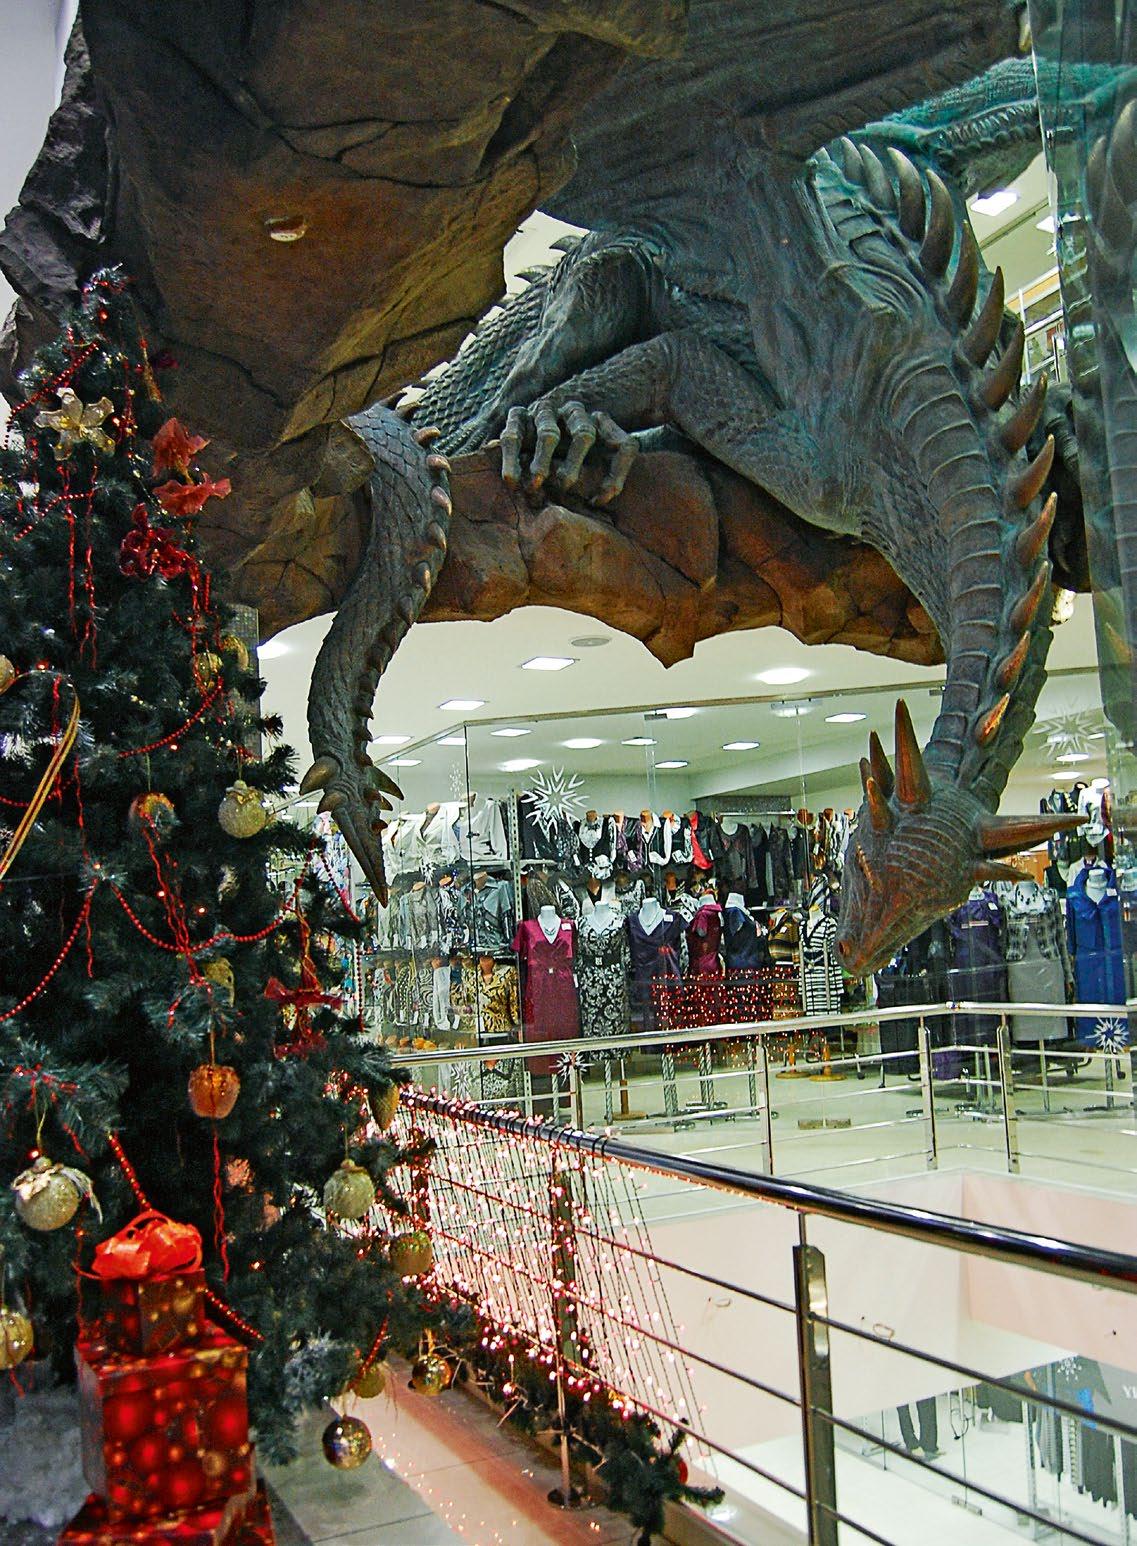 Скульптура «Дракон и три грации» в ТЦ «Галерея Детский мир» в Мурманске